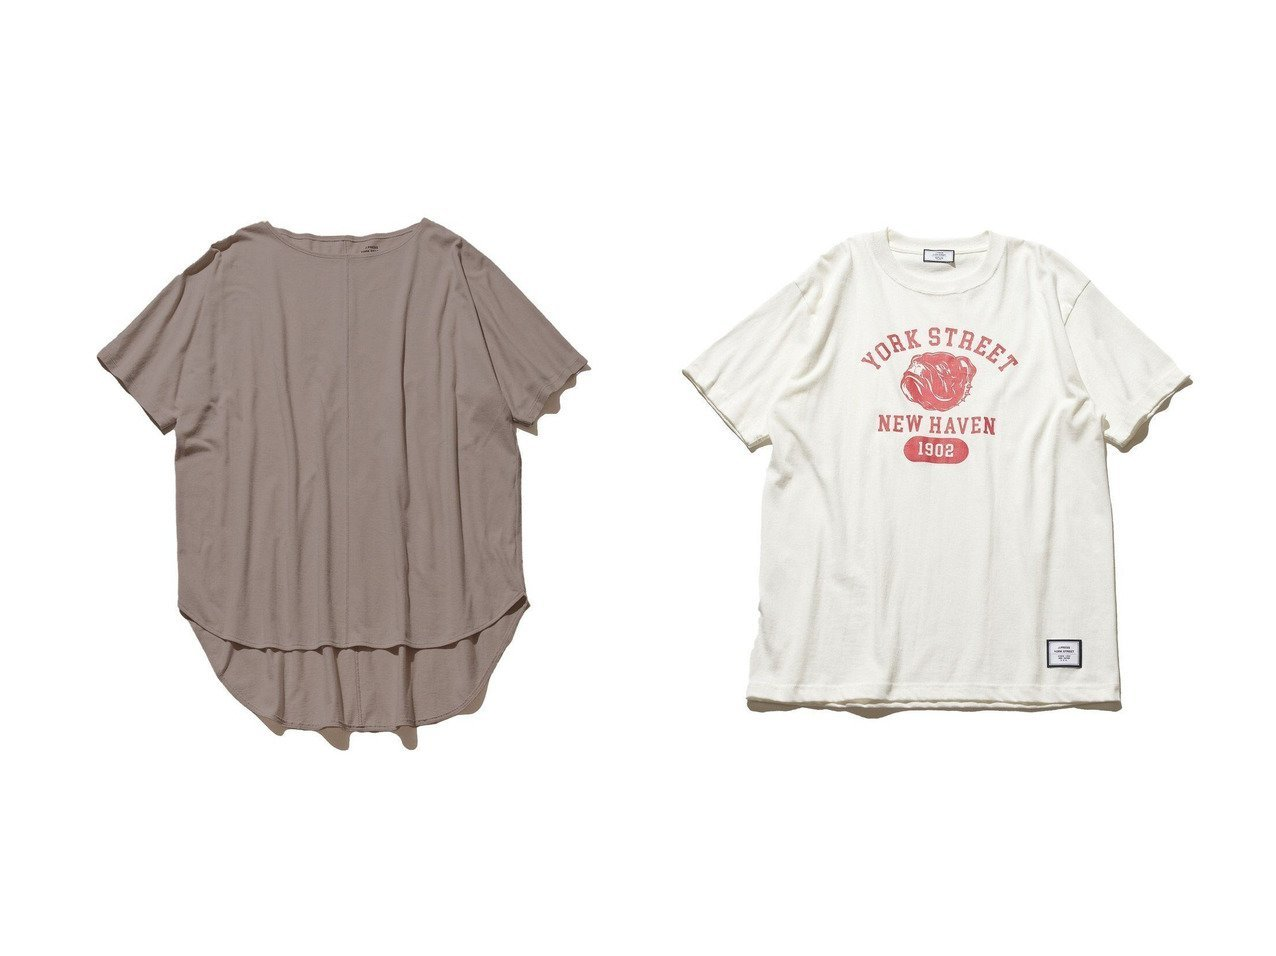 【J.PRESS YORK STREET/ジェイプレスヨークストリート】の【UNISEX】YORK STREET カレッジ Tシャツ&【WOMEN】1 天竺 Tシャツ 【トップス・カットソー】おすすめ!人気、トレンド・レディースファッションの通販 おすすめで人気の流行・トレンド、ファッションの通販商品 インテリア・家具・メンズファッション・キッズファッション・レディースファッション・服の通販 founy(ファニー) https://founy.com/ ファッション Fashion レディースファッション WOMEN トップス・カットソー Tops/Tshirt シャツ/ブラウス Shirts/Blouses ロング / Tシャツ T-Shirts カットソー Cut and Sewn 送料無料 Free Shipping インナー カットソー シンプル 夏 Summer UNISEX プリント 再入荷 Restock/Back in Stock/Re Arrival |ID:crp329100000055312